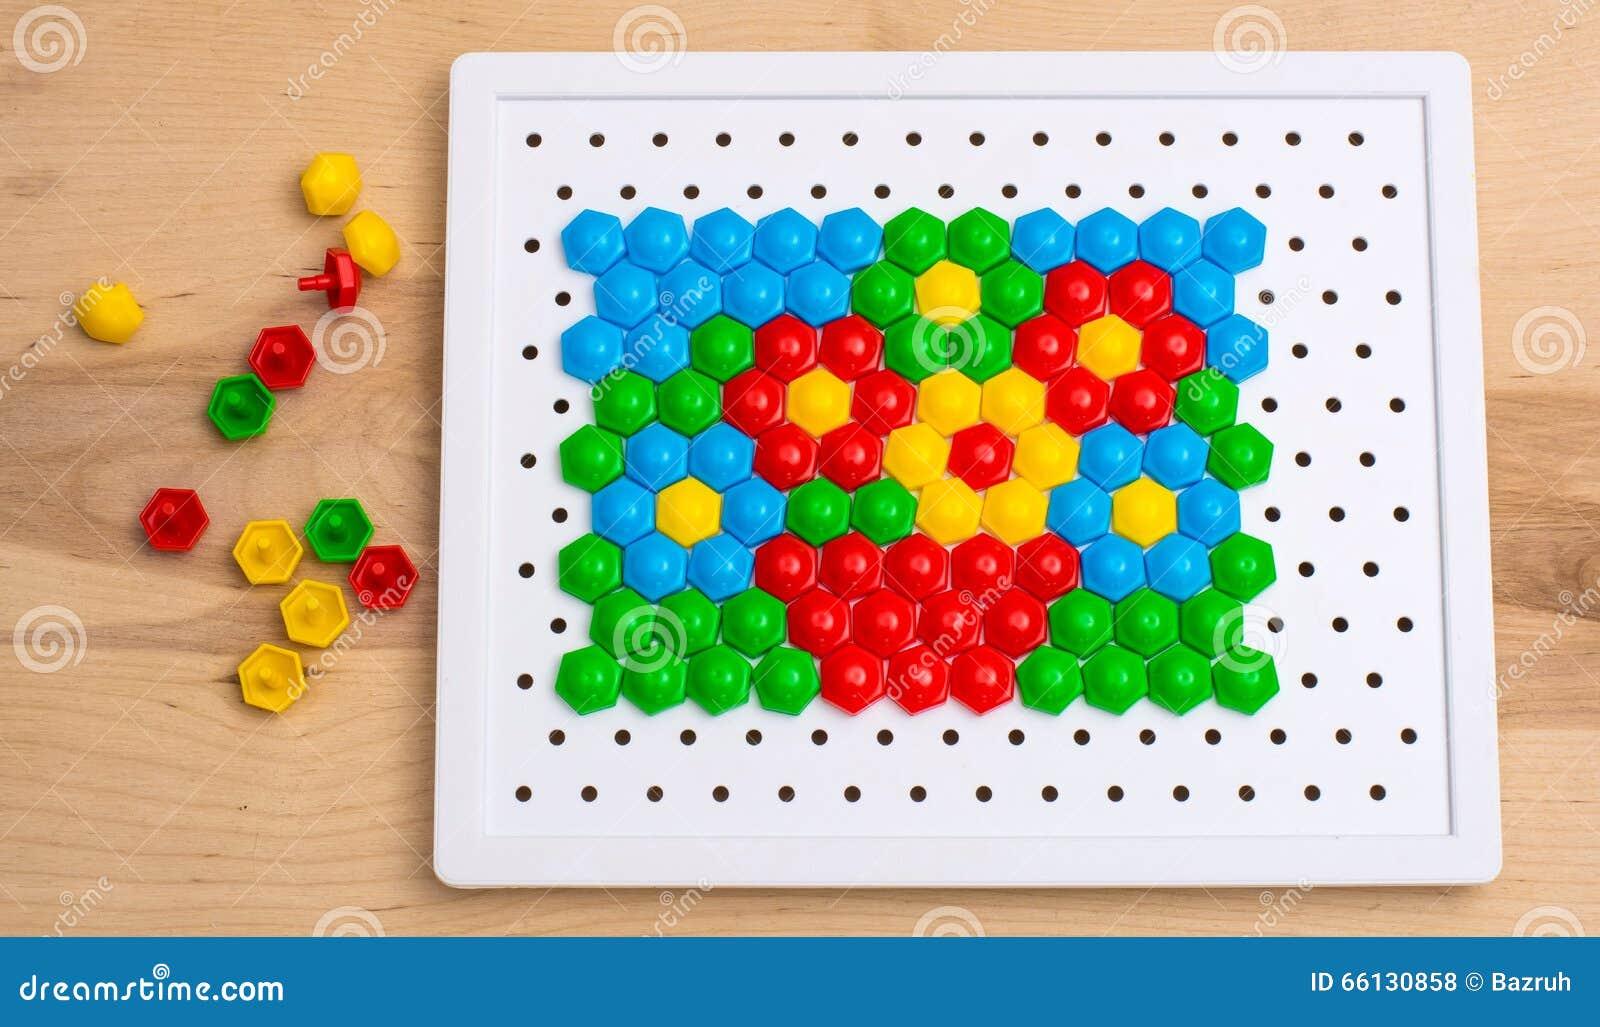 мозаика картинки для детей